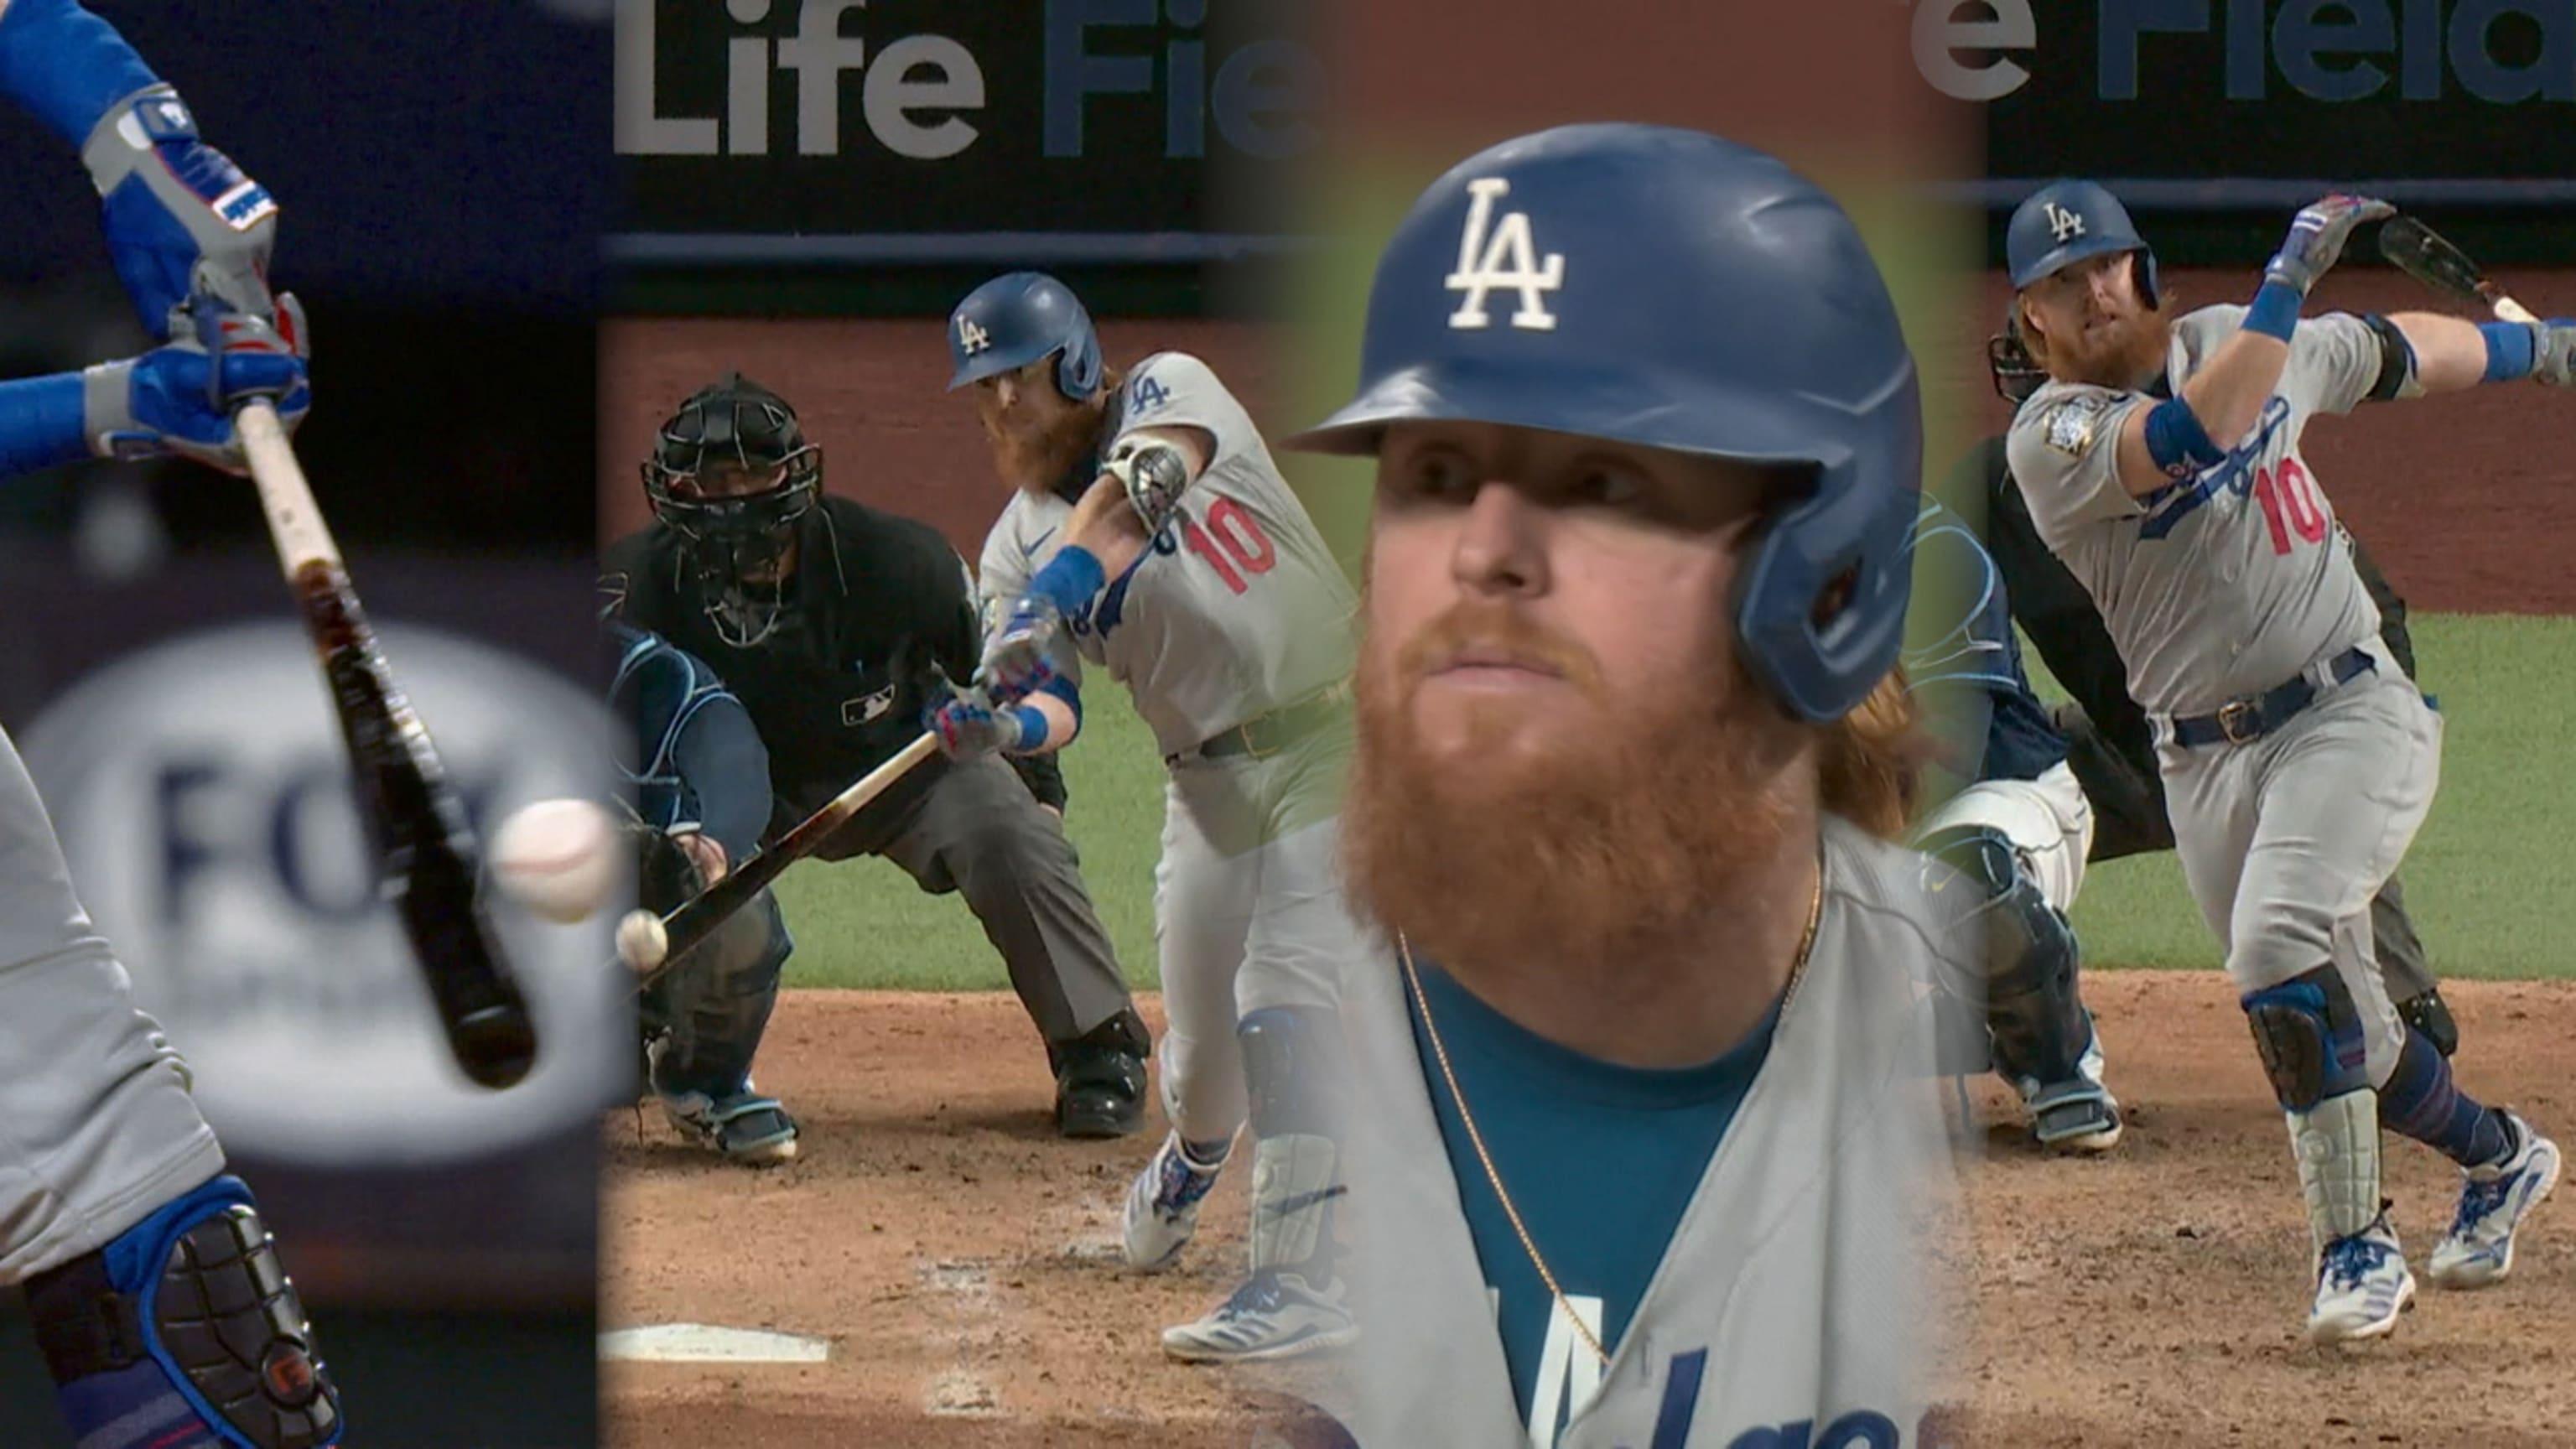 Turner da cuatro hits en el juego